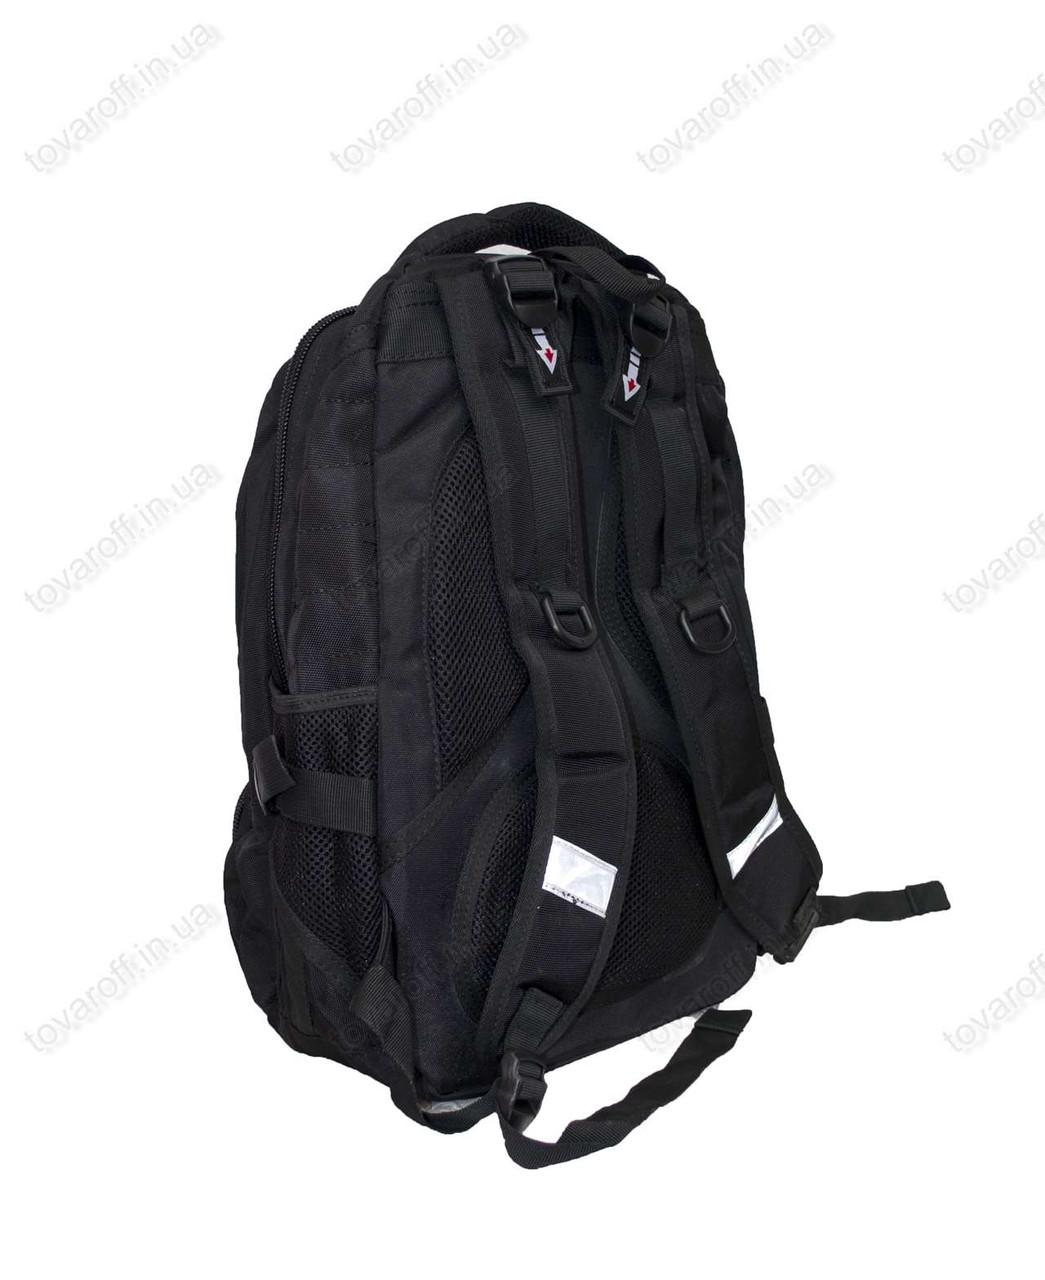 Рюкзаки милитари оптом samsonite summies рюкзаки